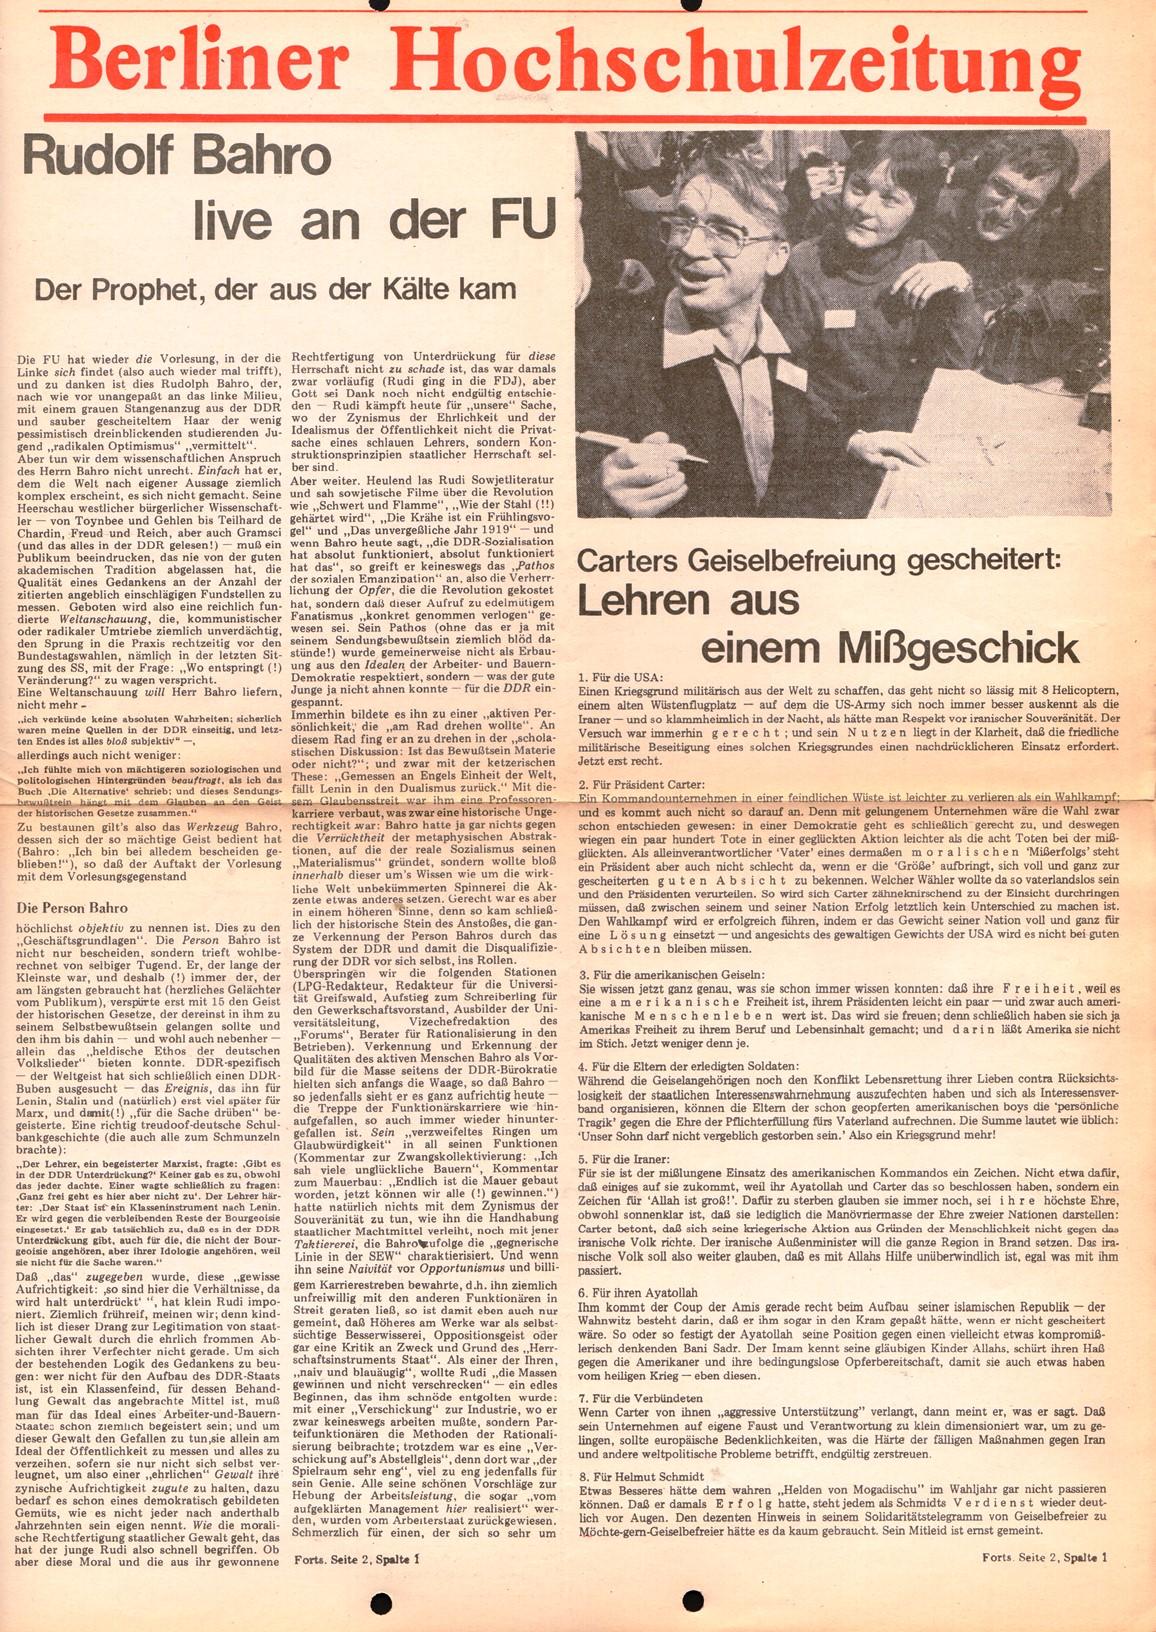 Berlin_MG_Hochschulzeitung_19800428_01